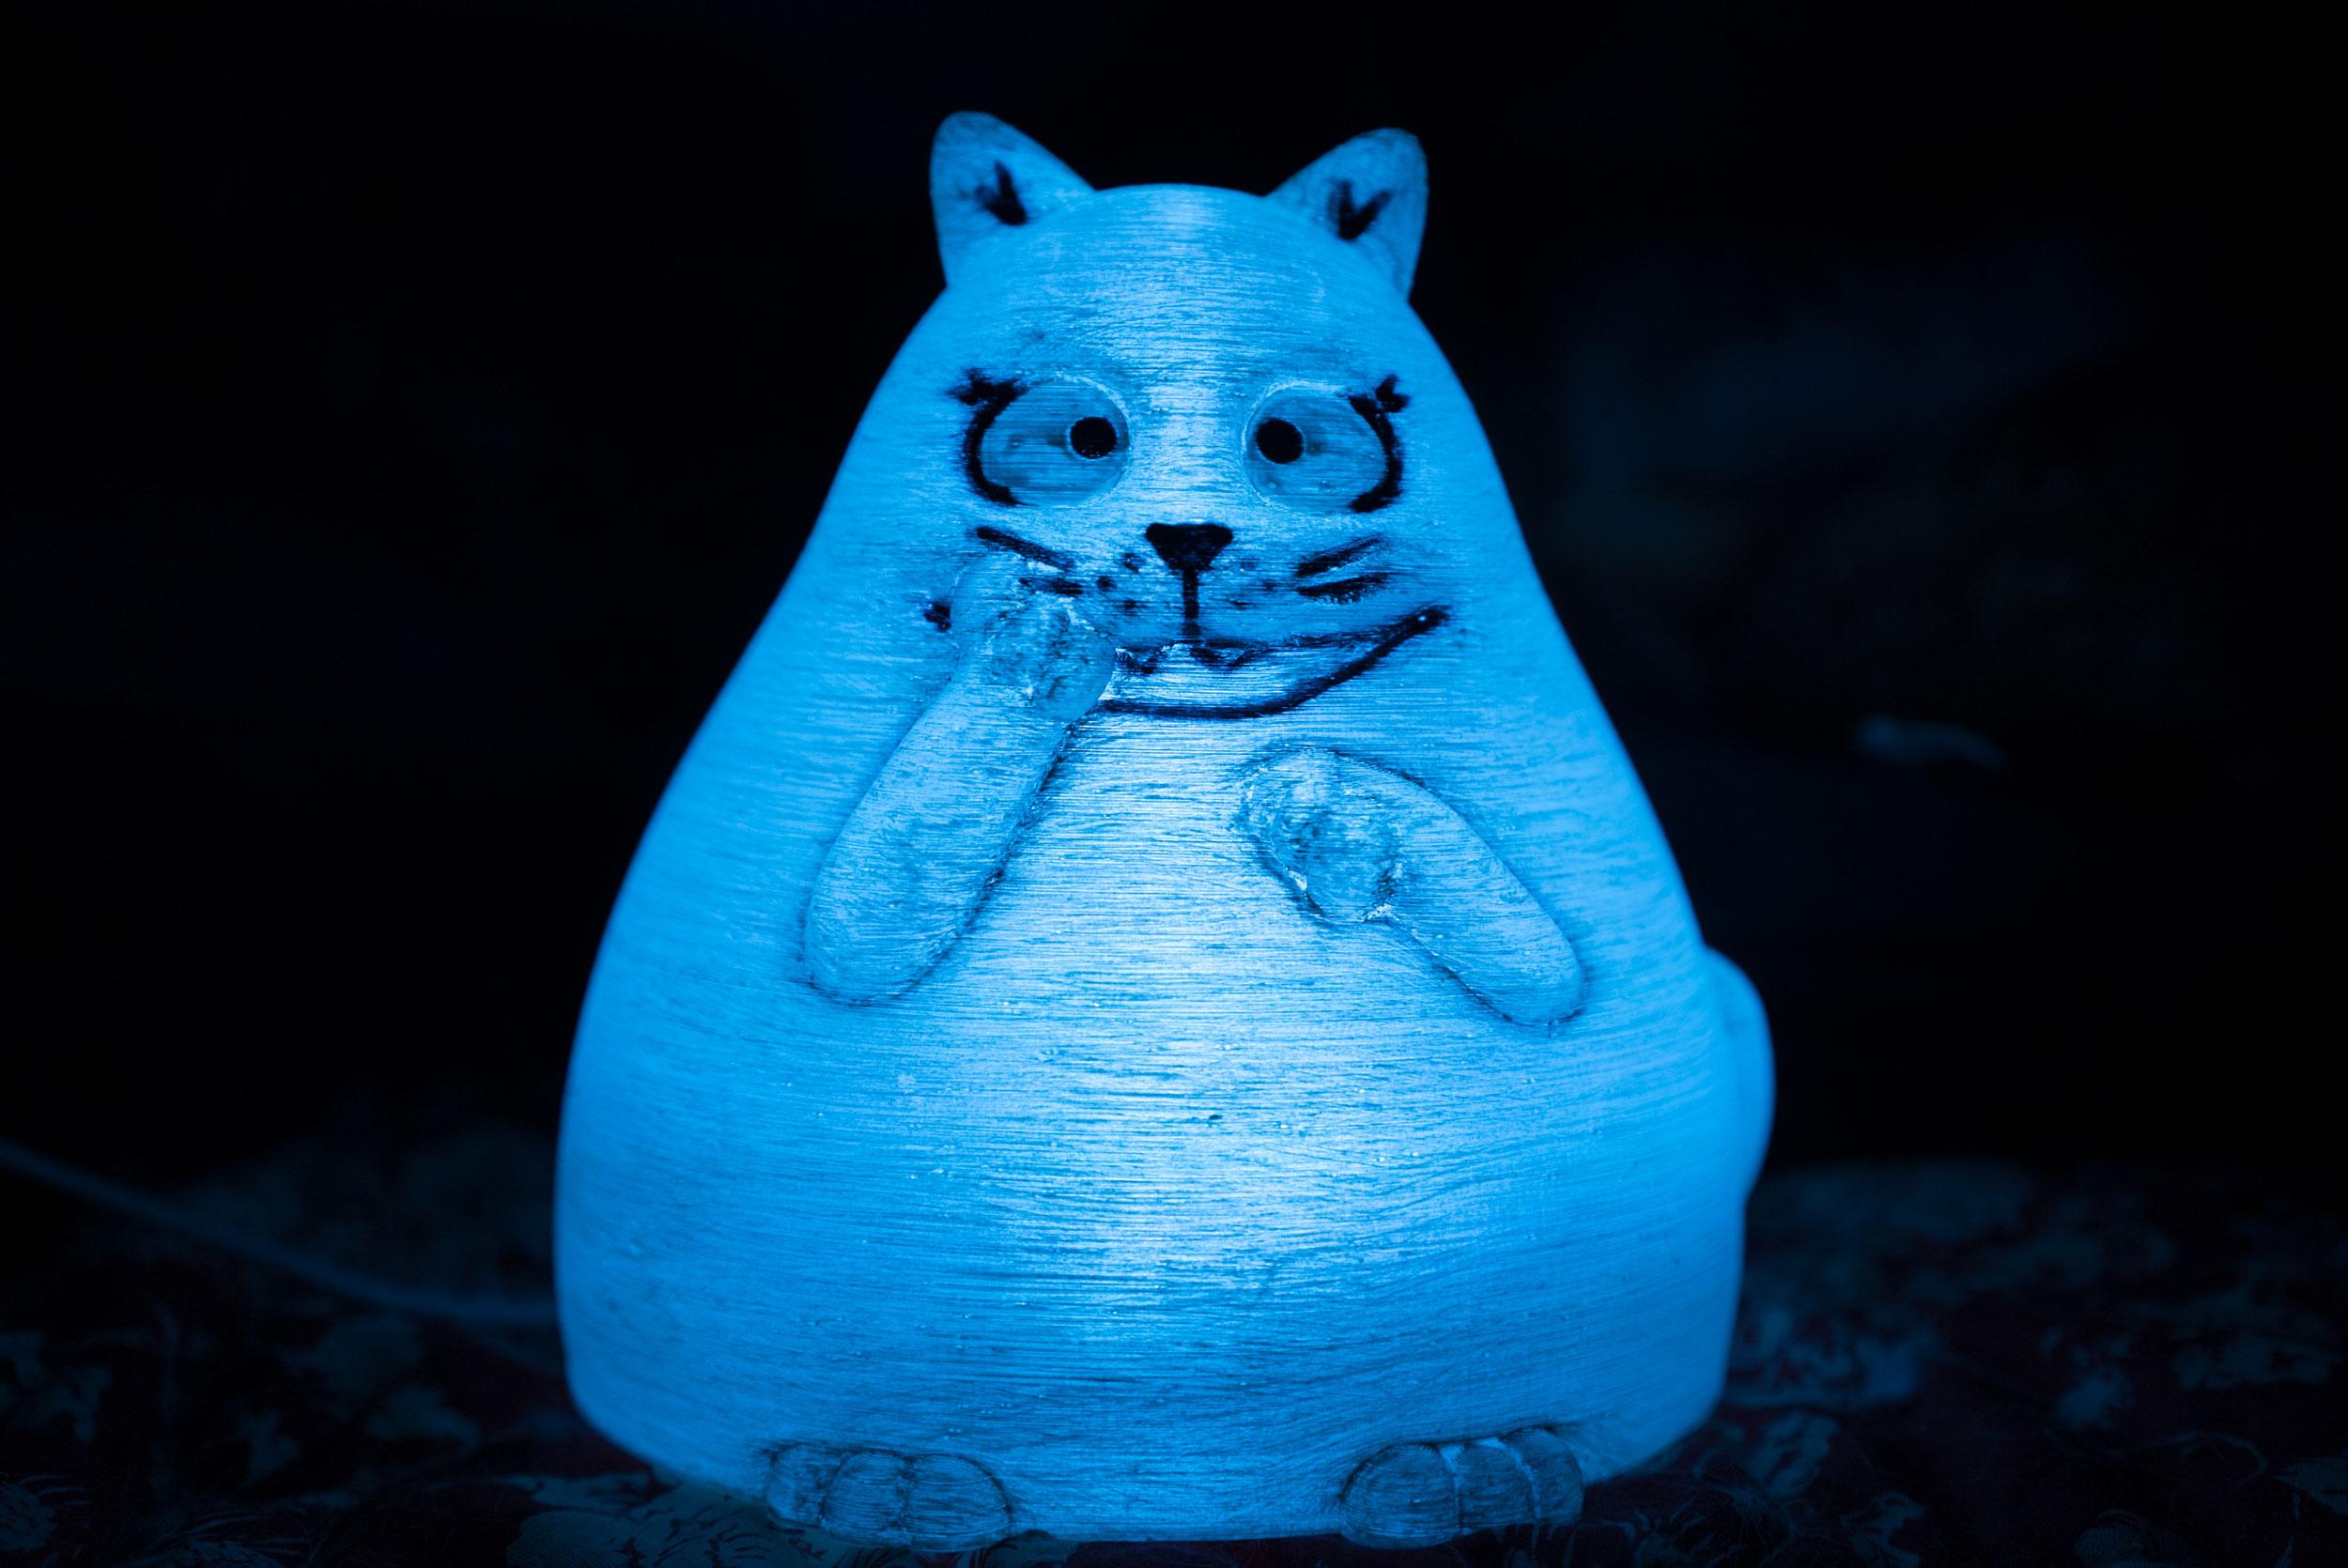 Gatto-Panzone-Luce-Azzurra